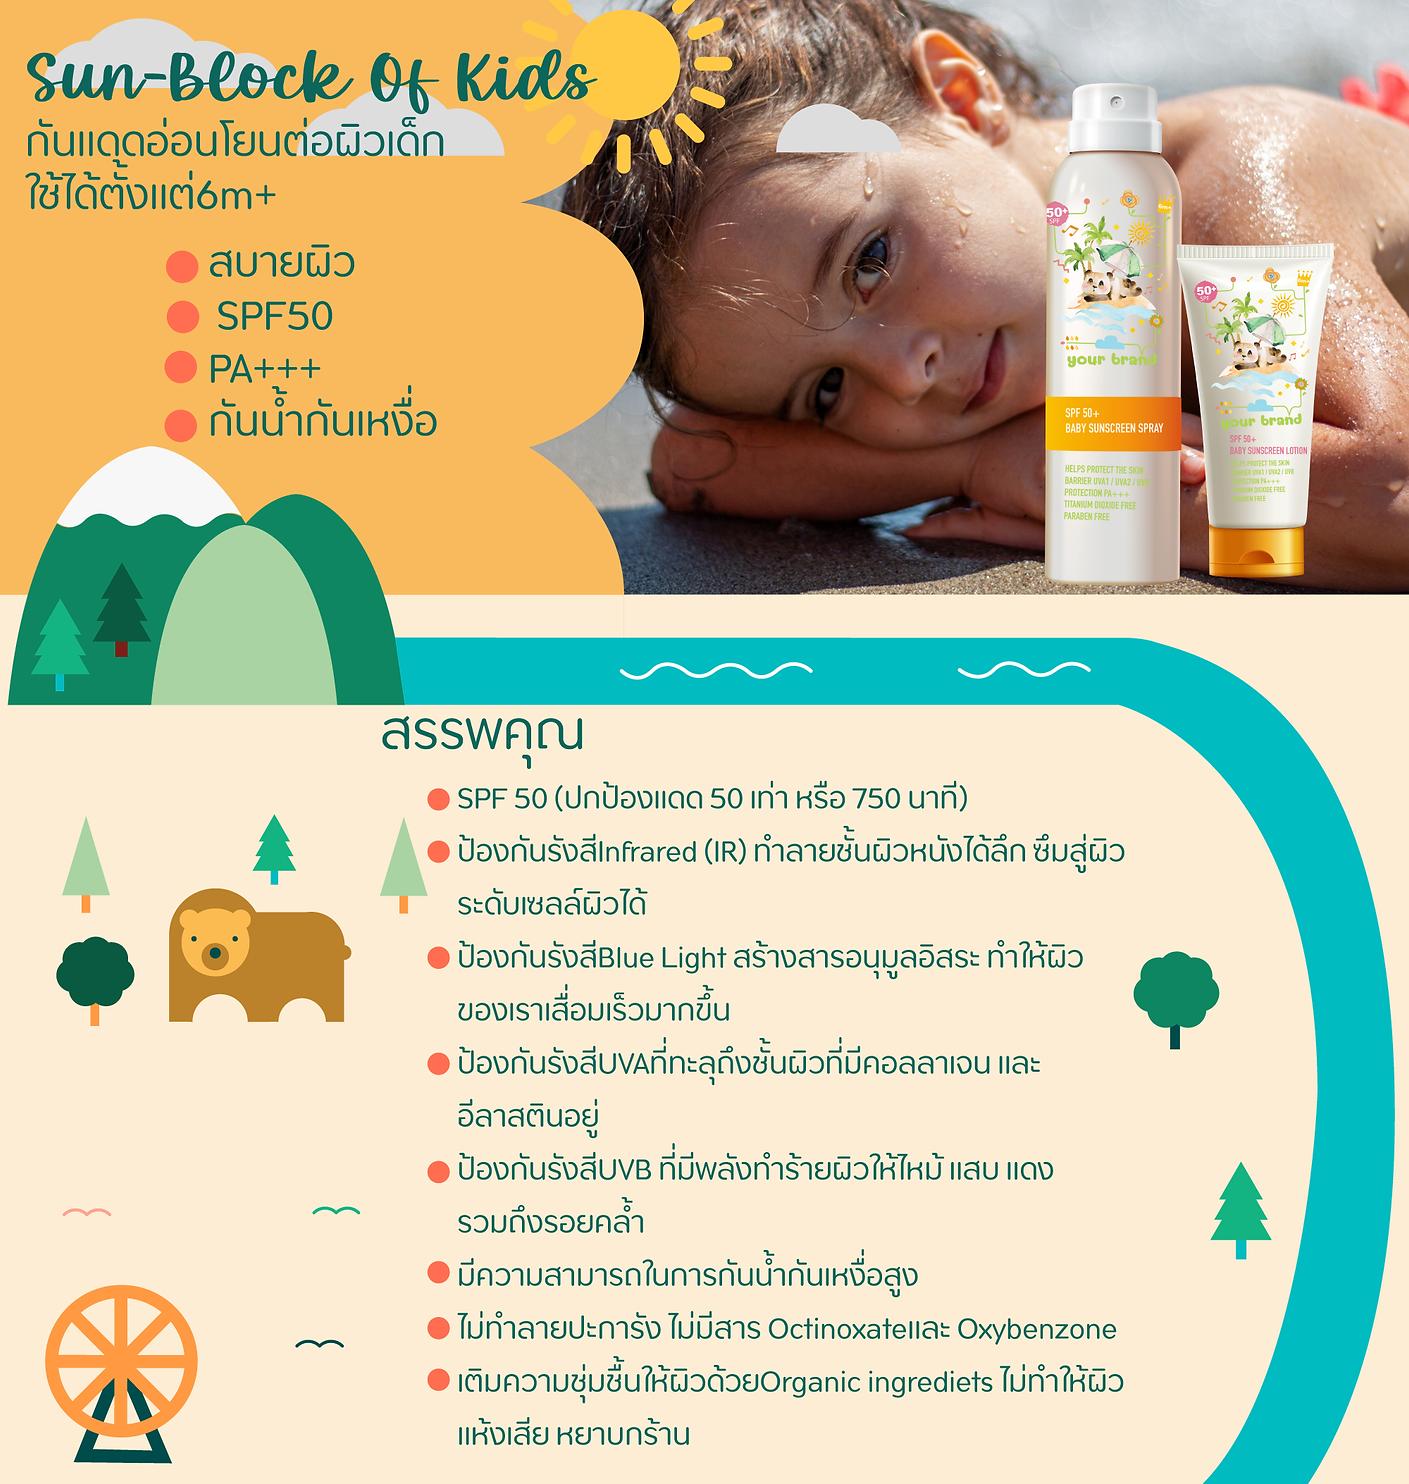 web-sun-block1.png